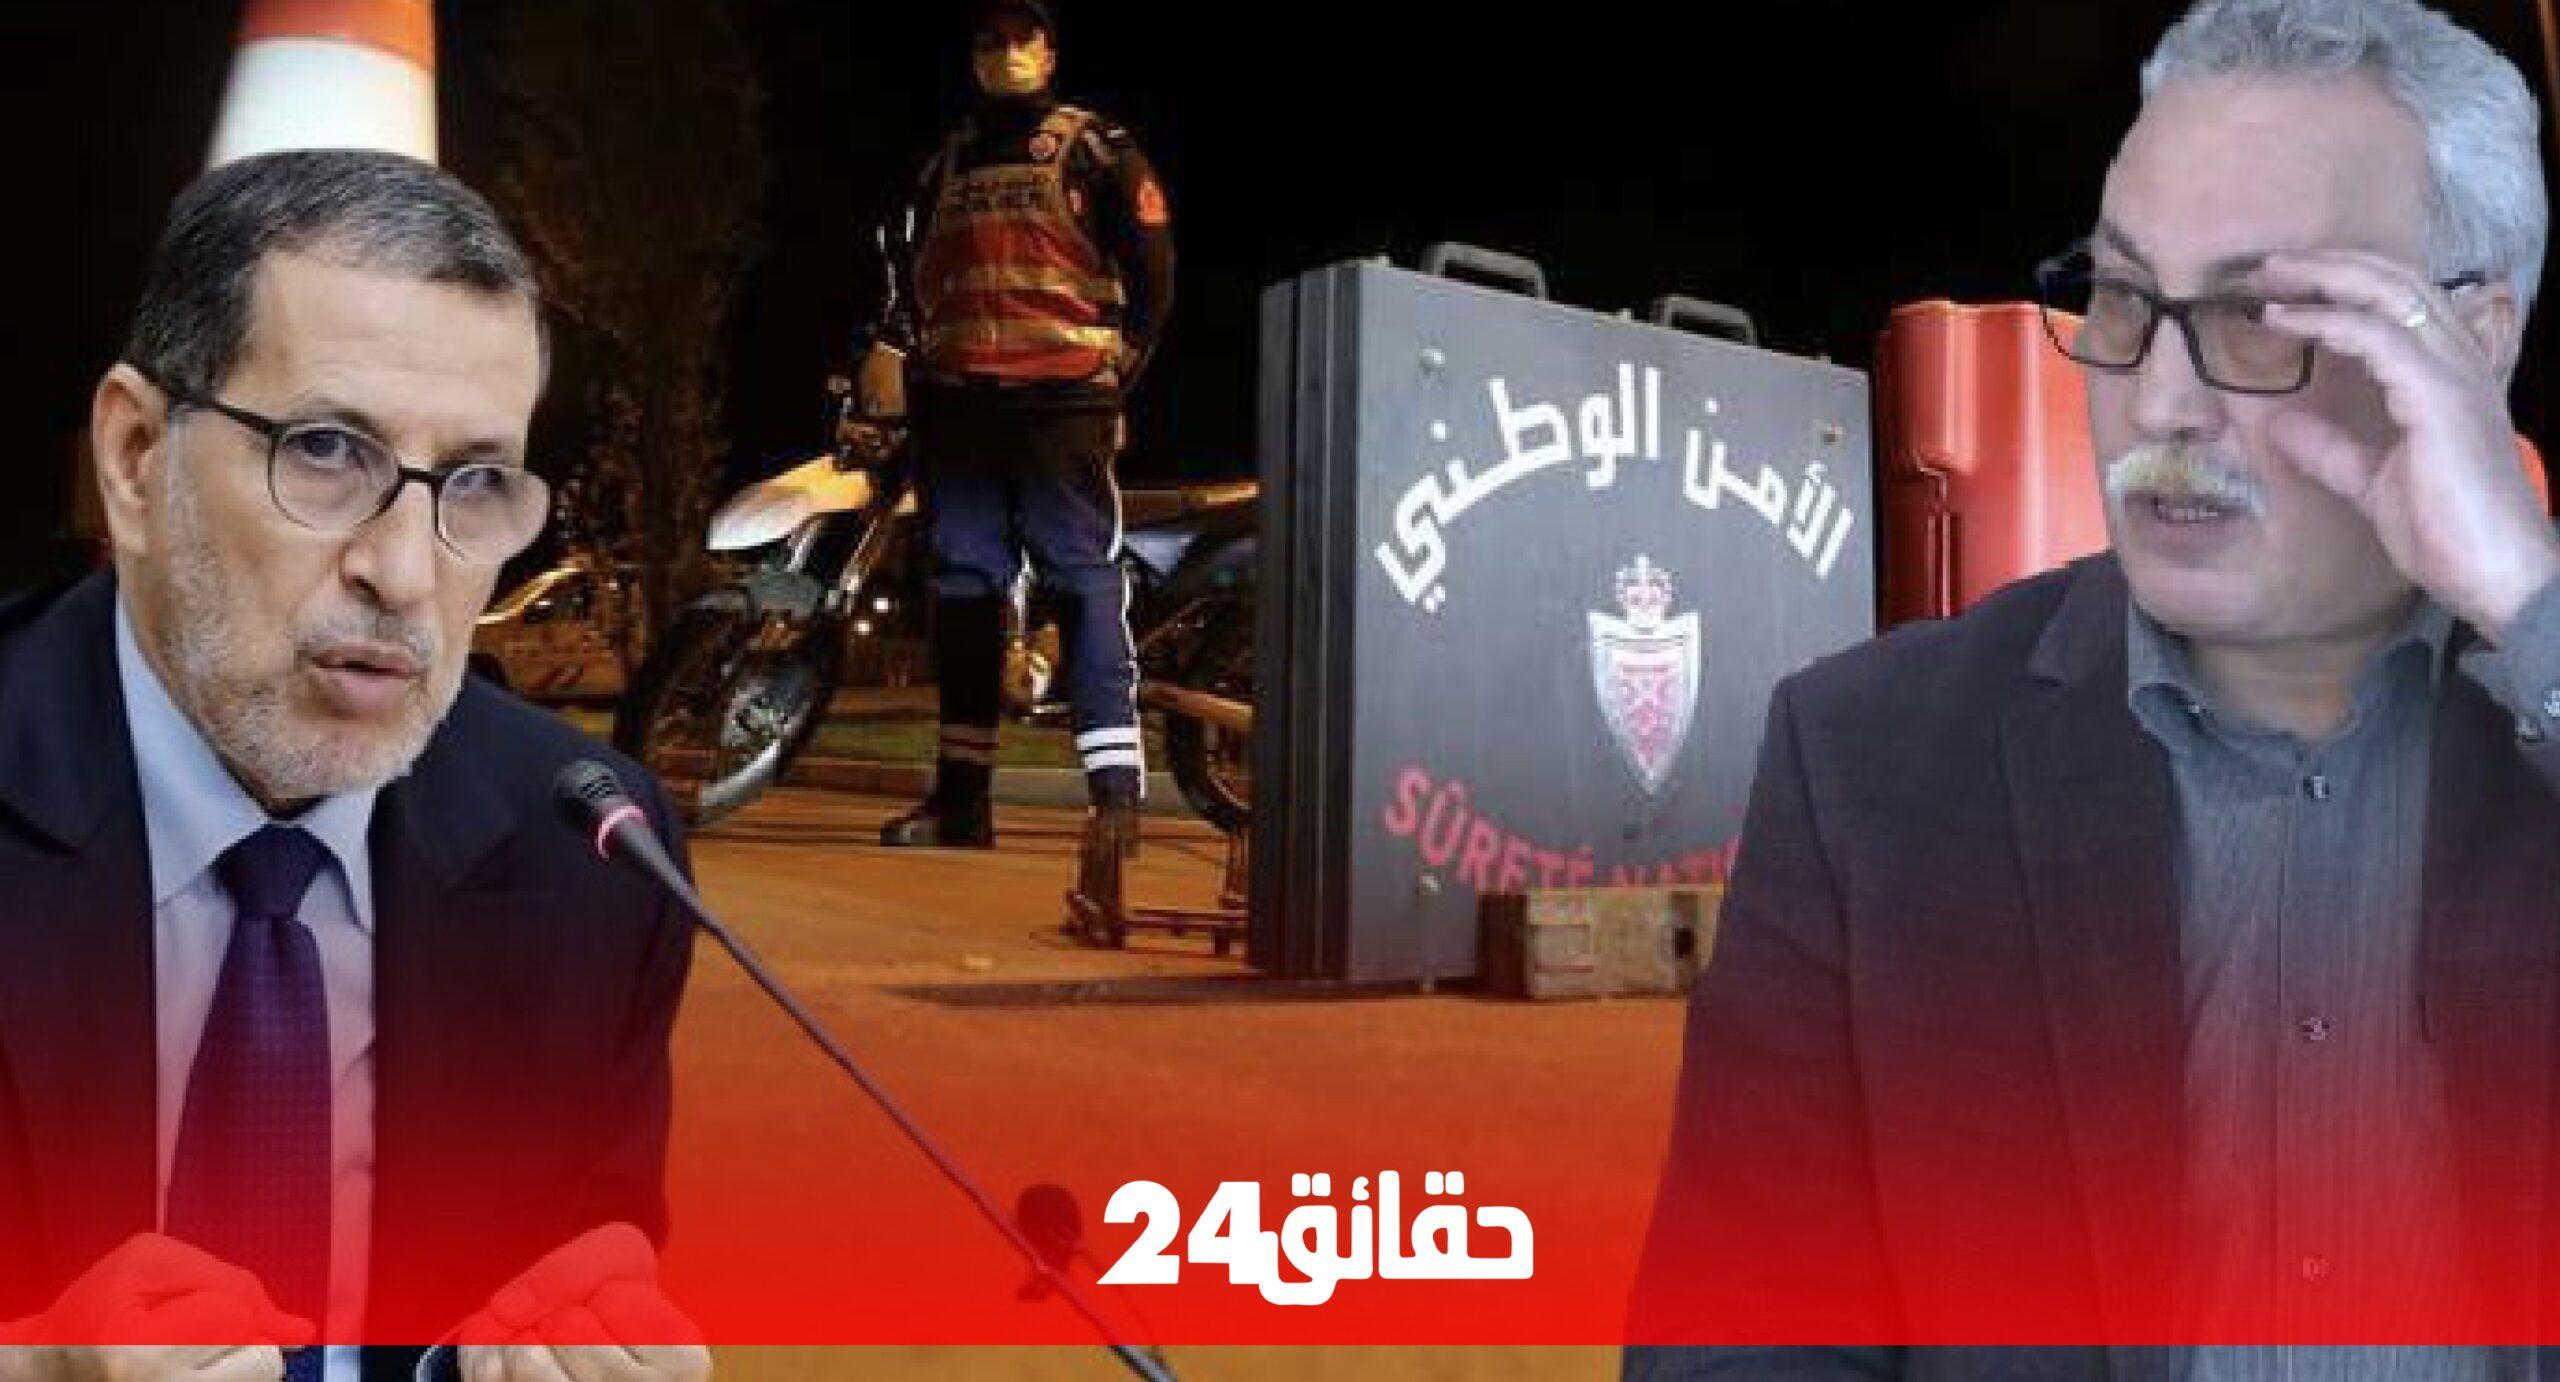 صورة سابقة .. رئيس جماعة يتحدى قرار الحكومة و يرخص للساكنة بالتجوال ليلا و ارتياد المقاهي في رمضان